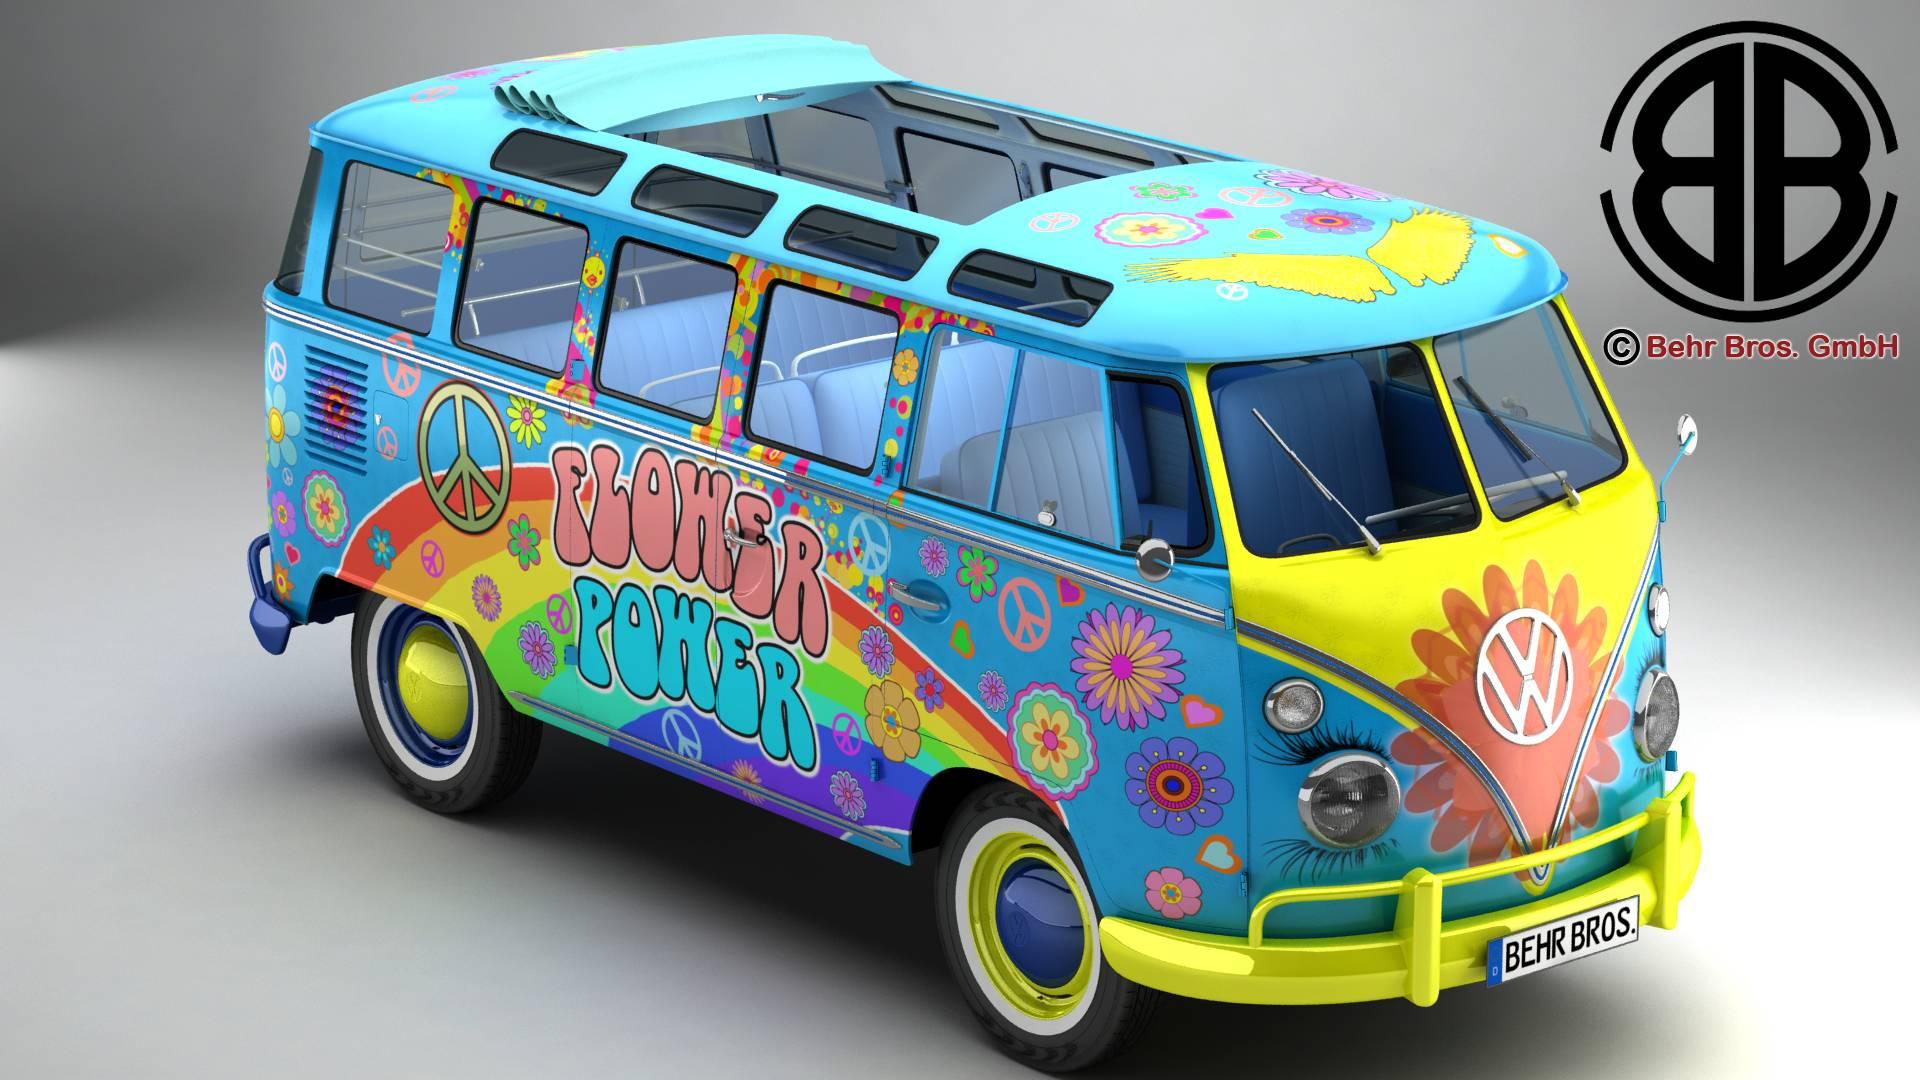 math volkswagen 2 samba 1963 hippie 3d model 3ds max fbx c4d am fwy o wybodaeth 217240